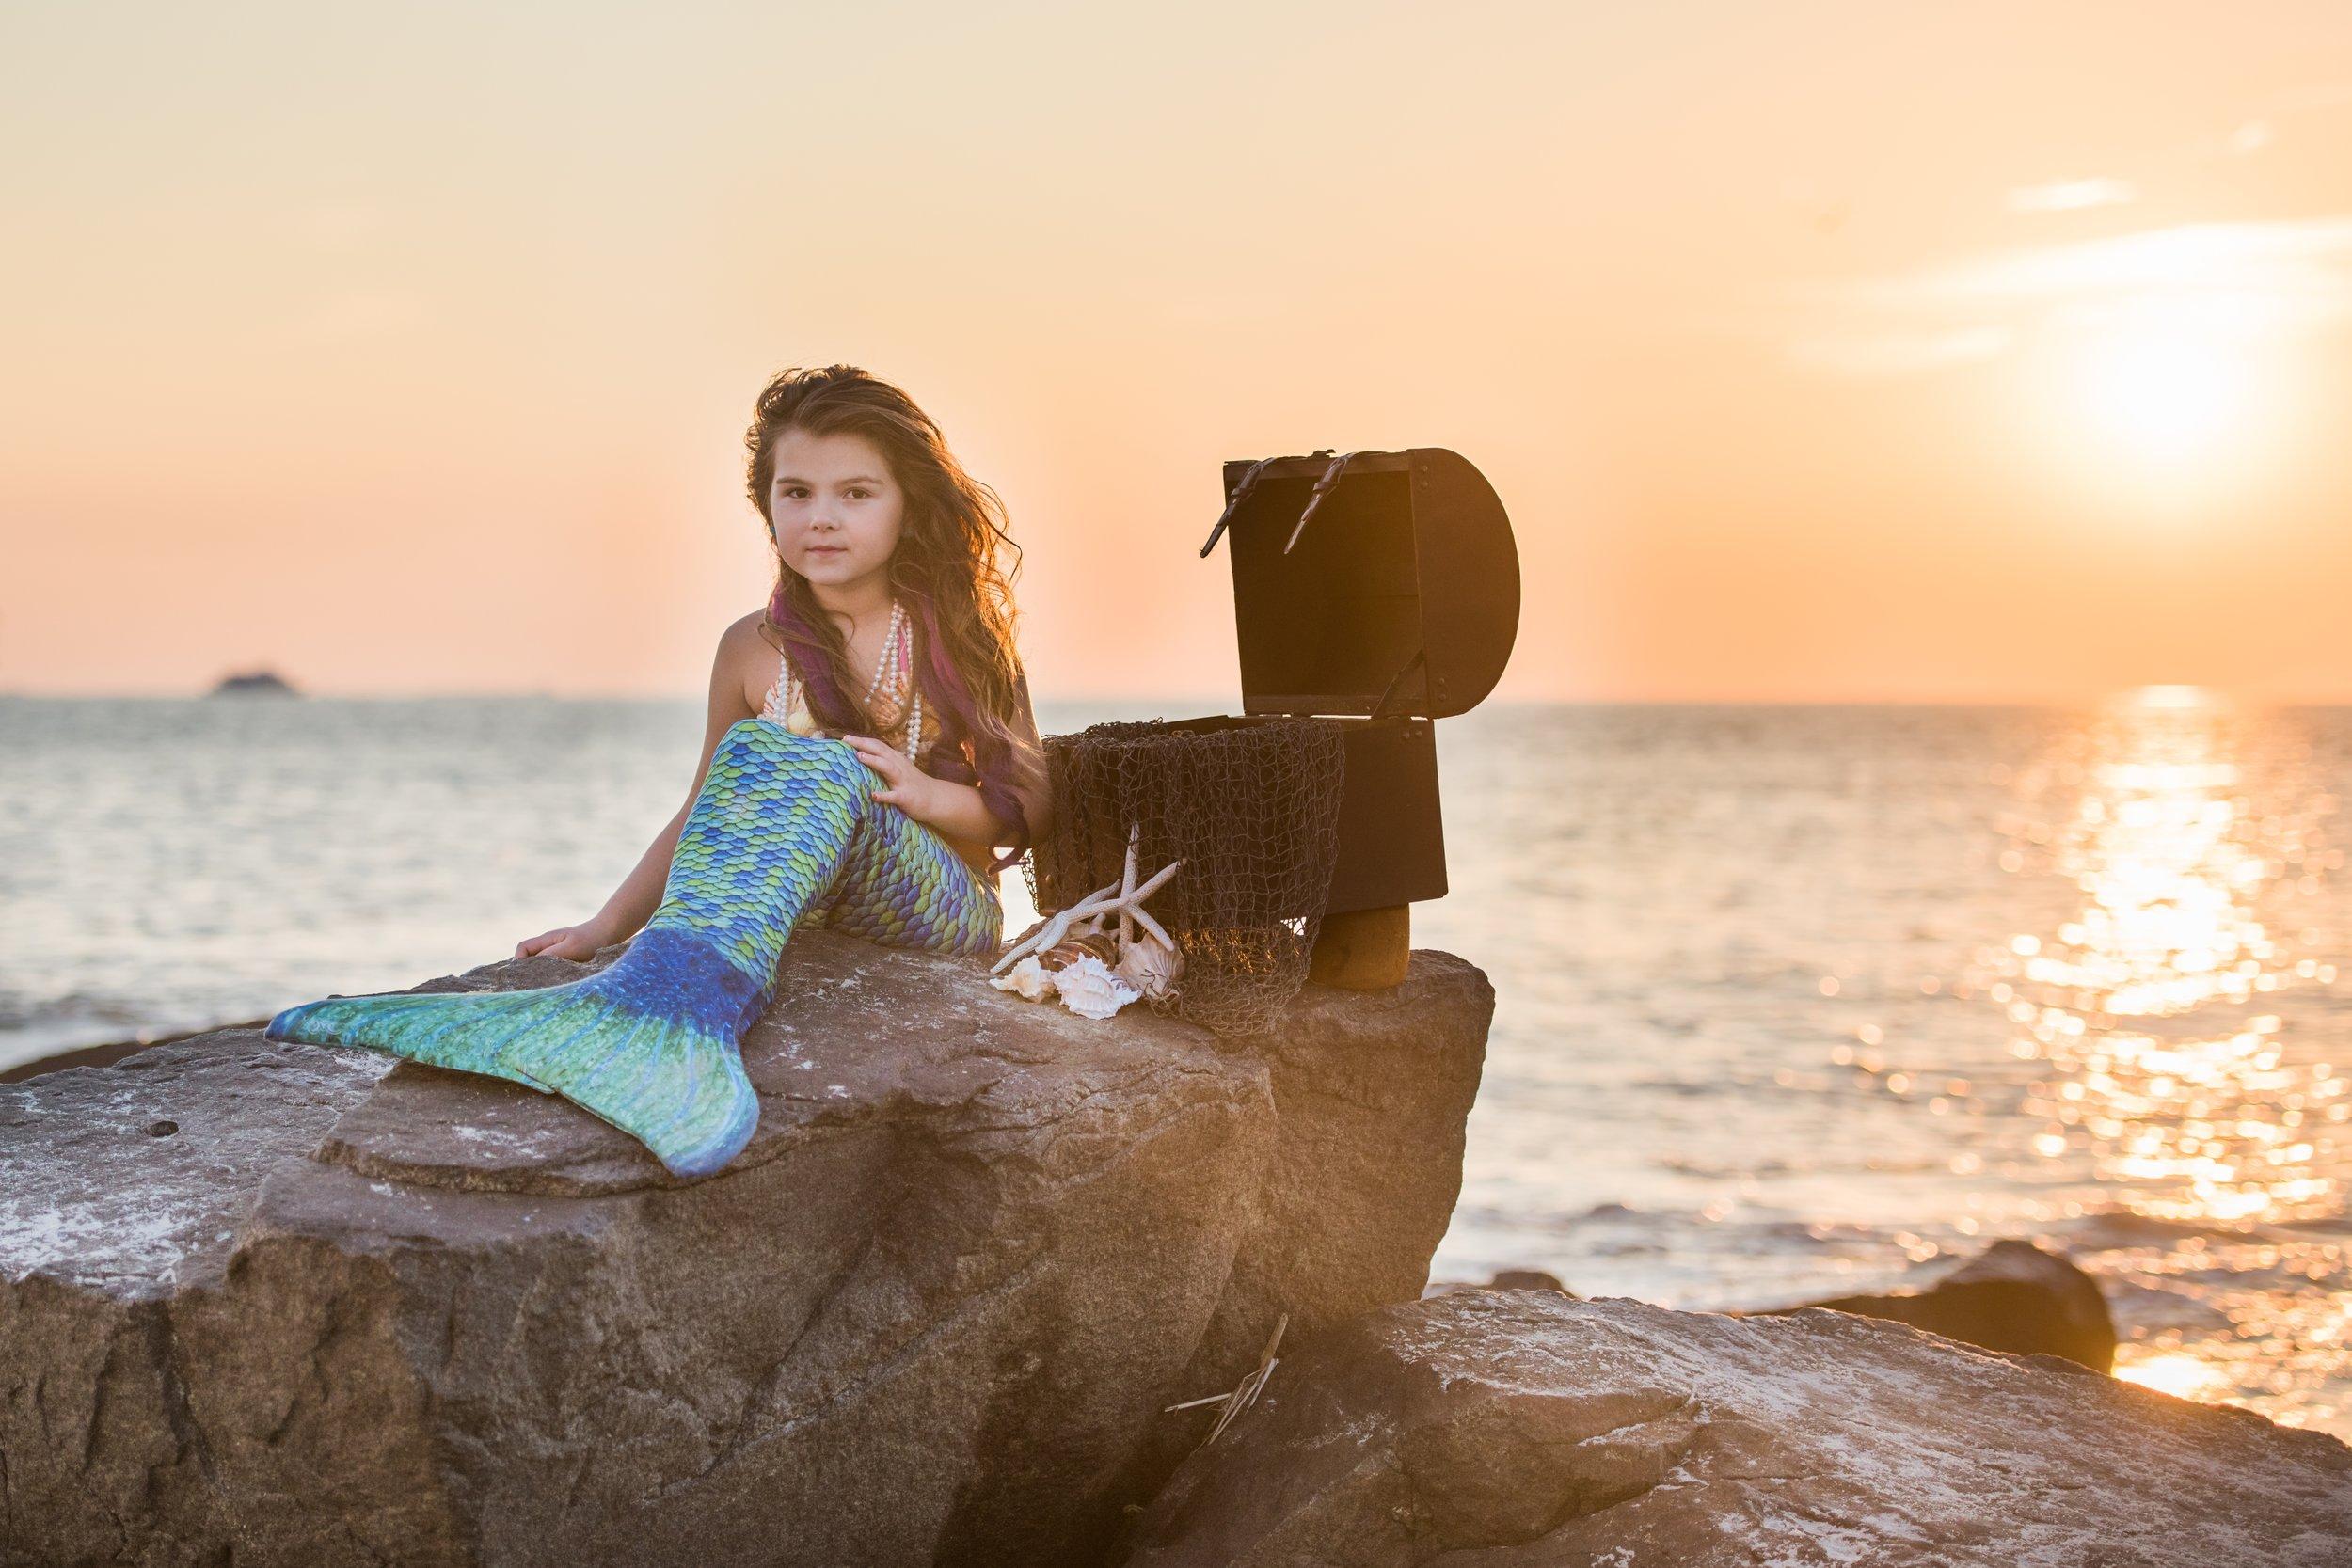 lauren mermaid 4.jpg